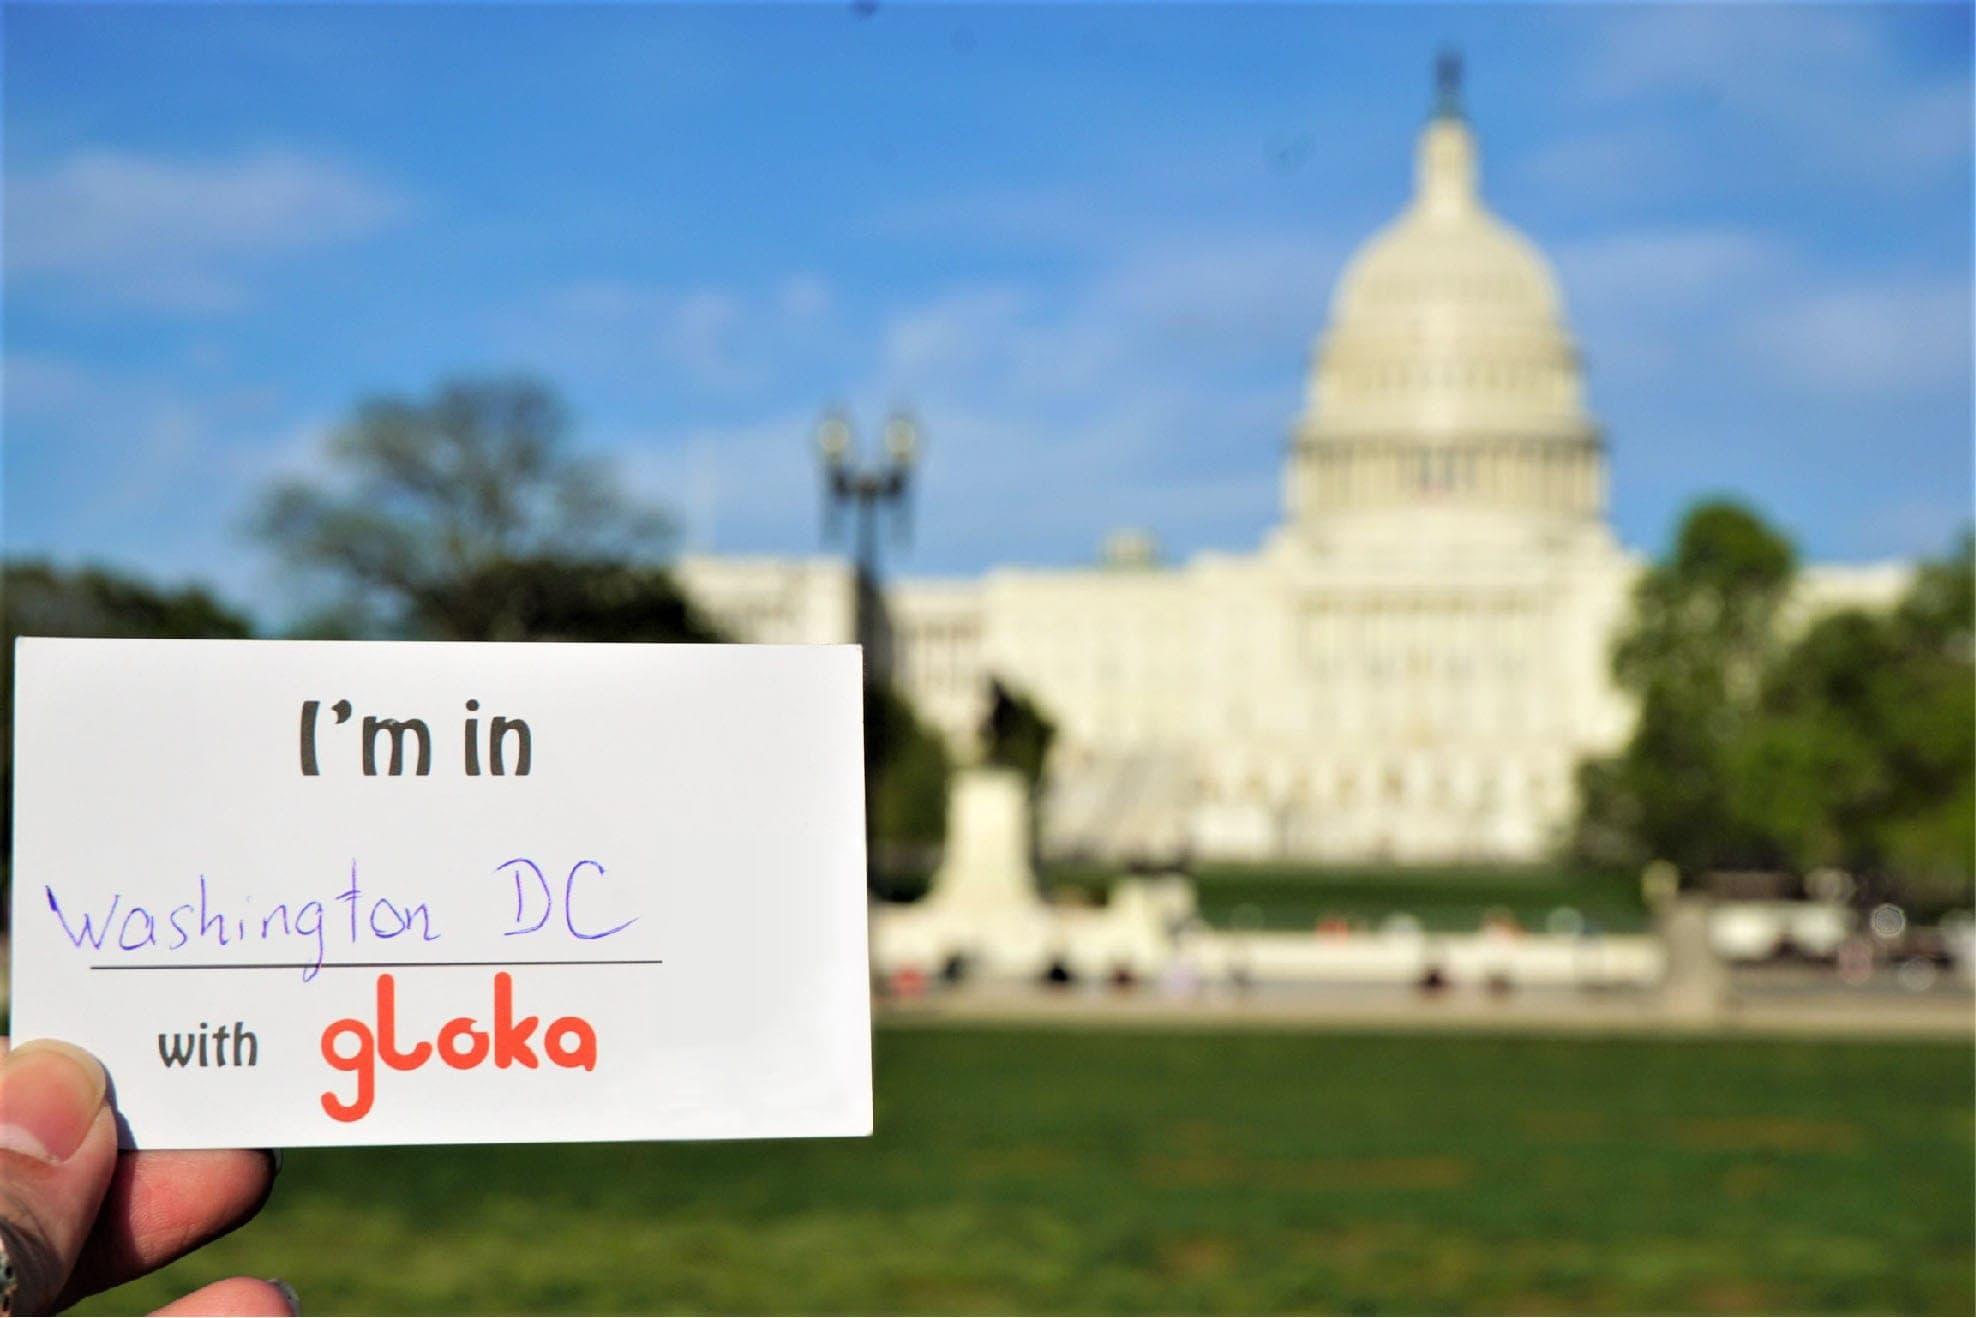 Du lịch Mỹ cùng Gloka #travelwithgloka